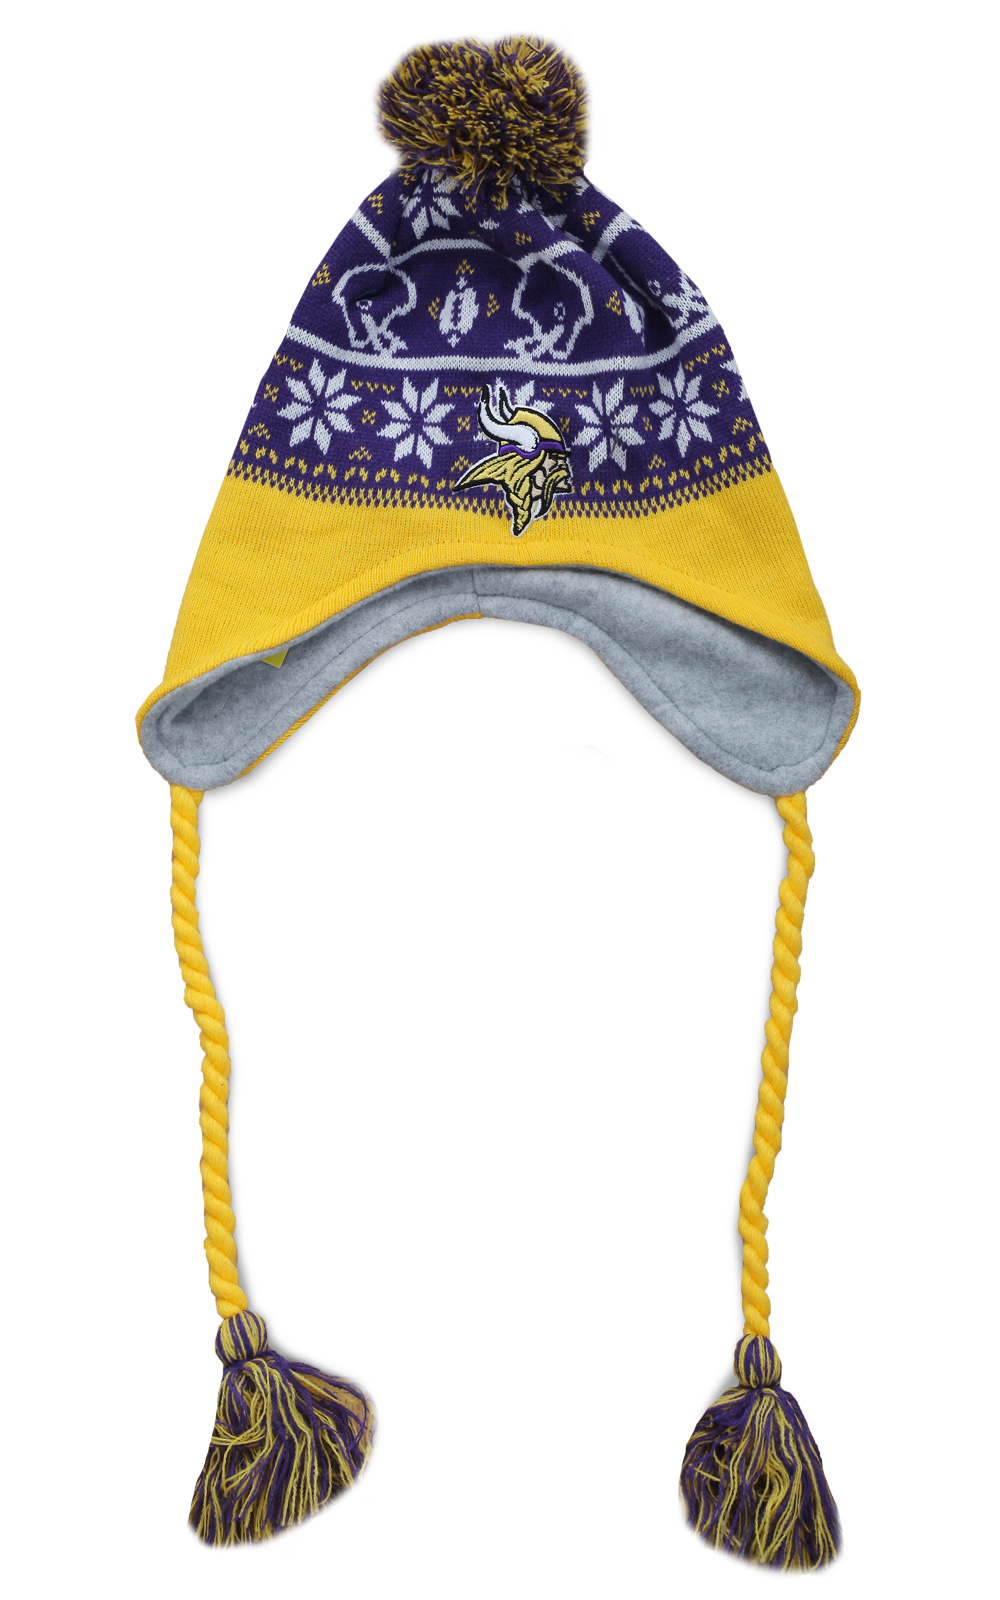 Классная детская шапка на флисе. Уютная и теплая модель с завязками. Понравится каждому ребенку!